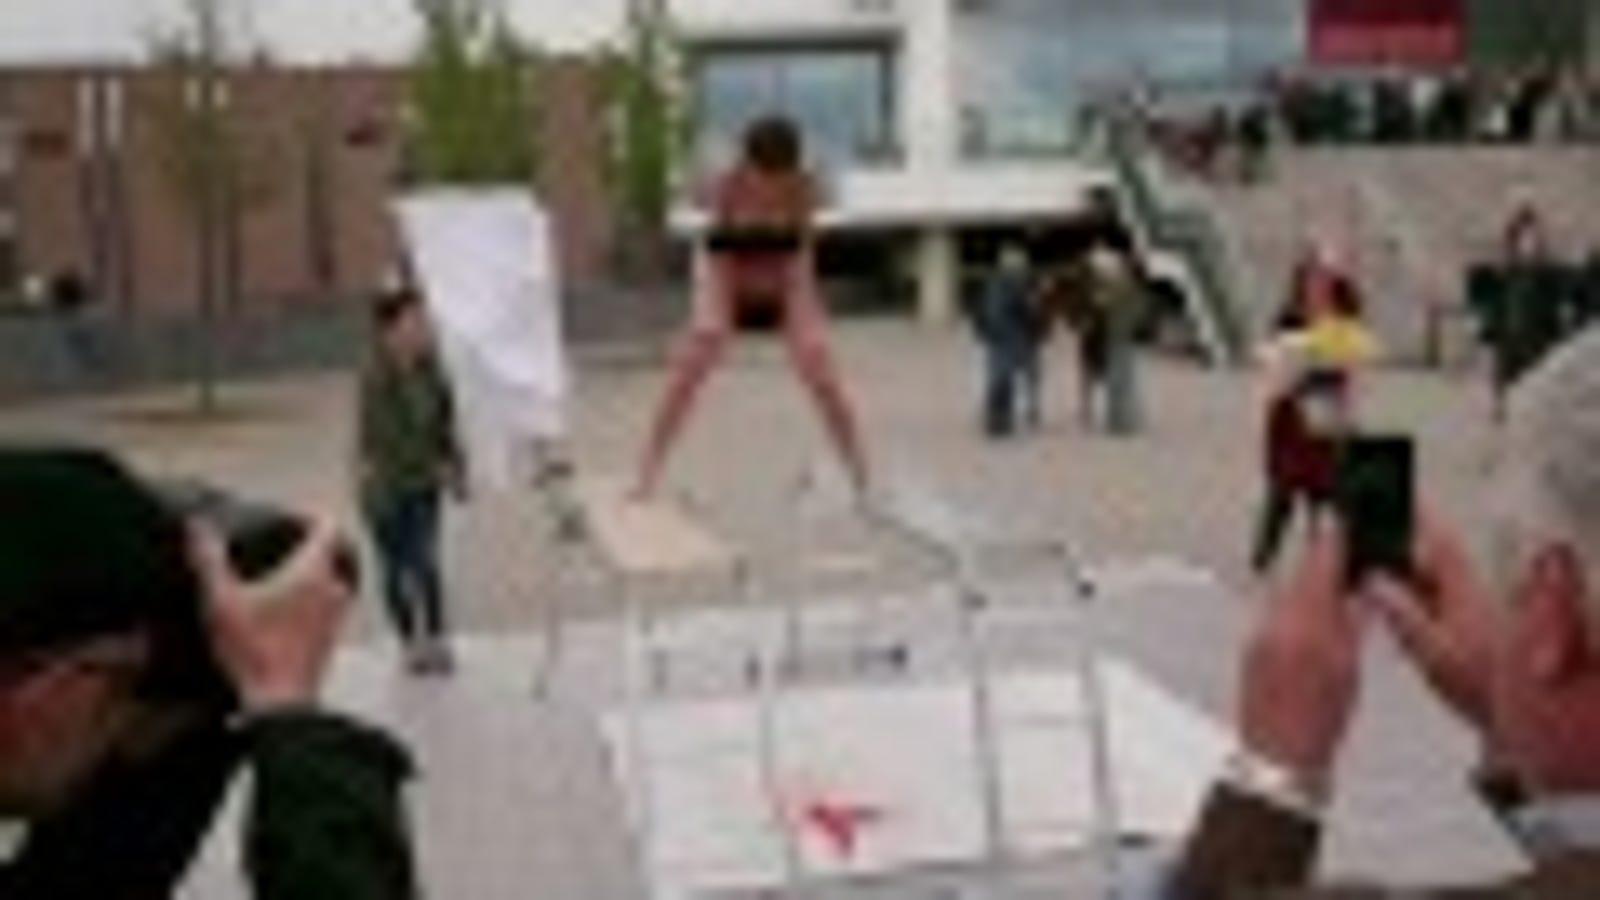 Bondage bondage outdoor public